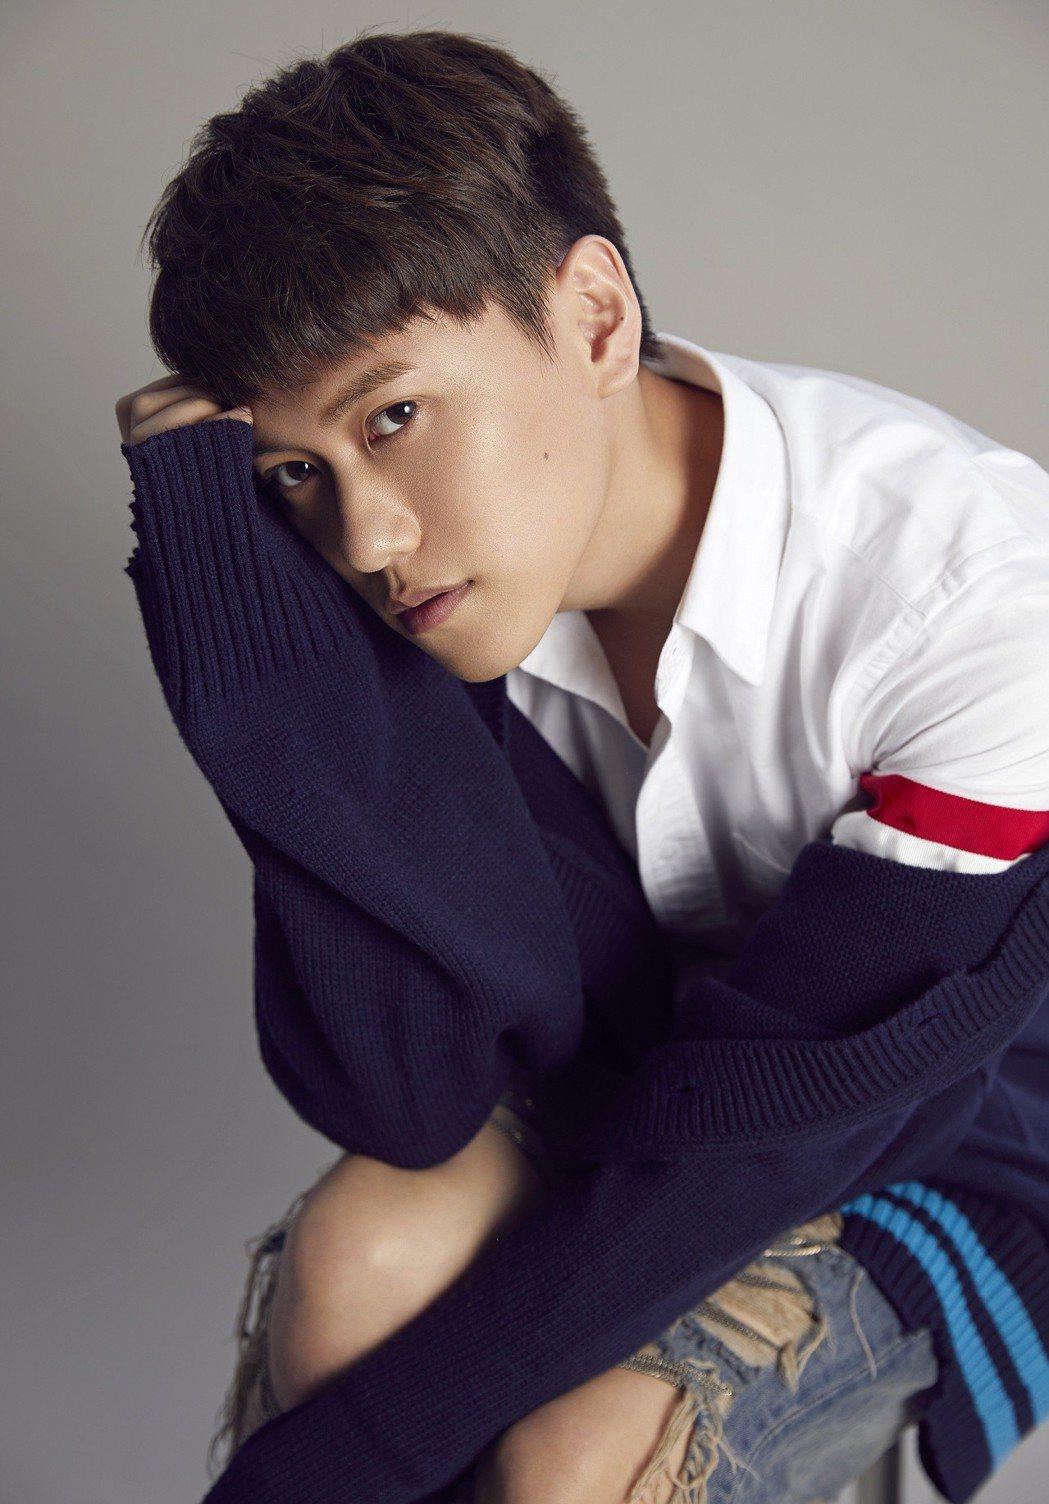 邱宇辰將於10月9日舉辦生日音樂會。圖/百鴻揚娛樂提供